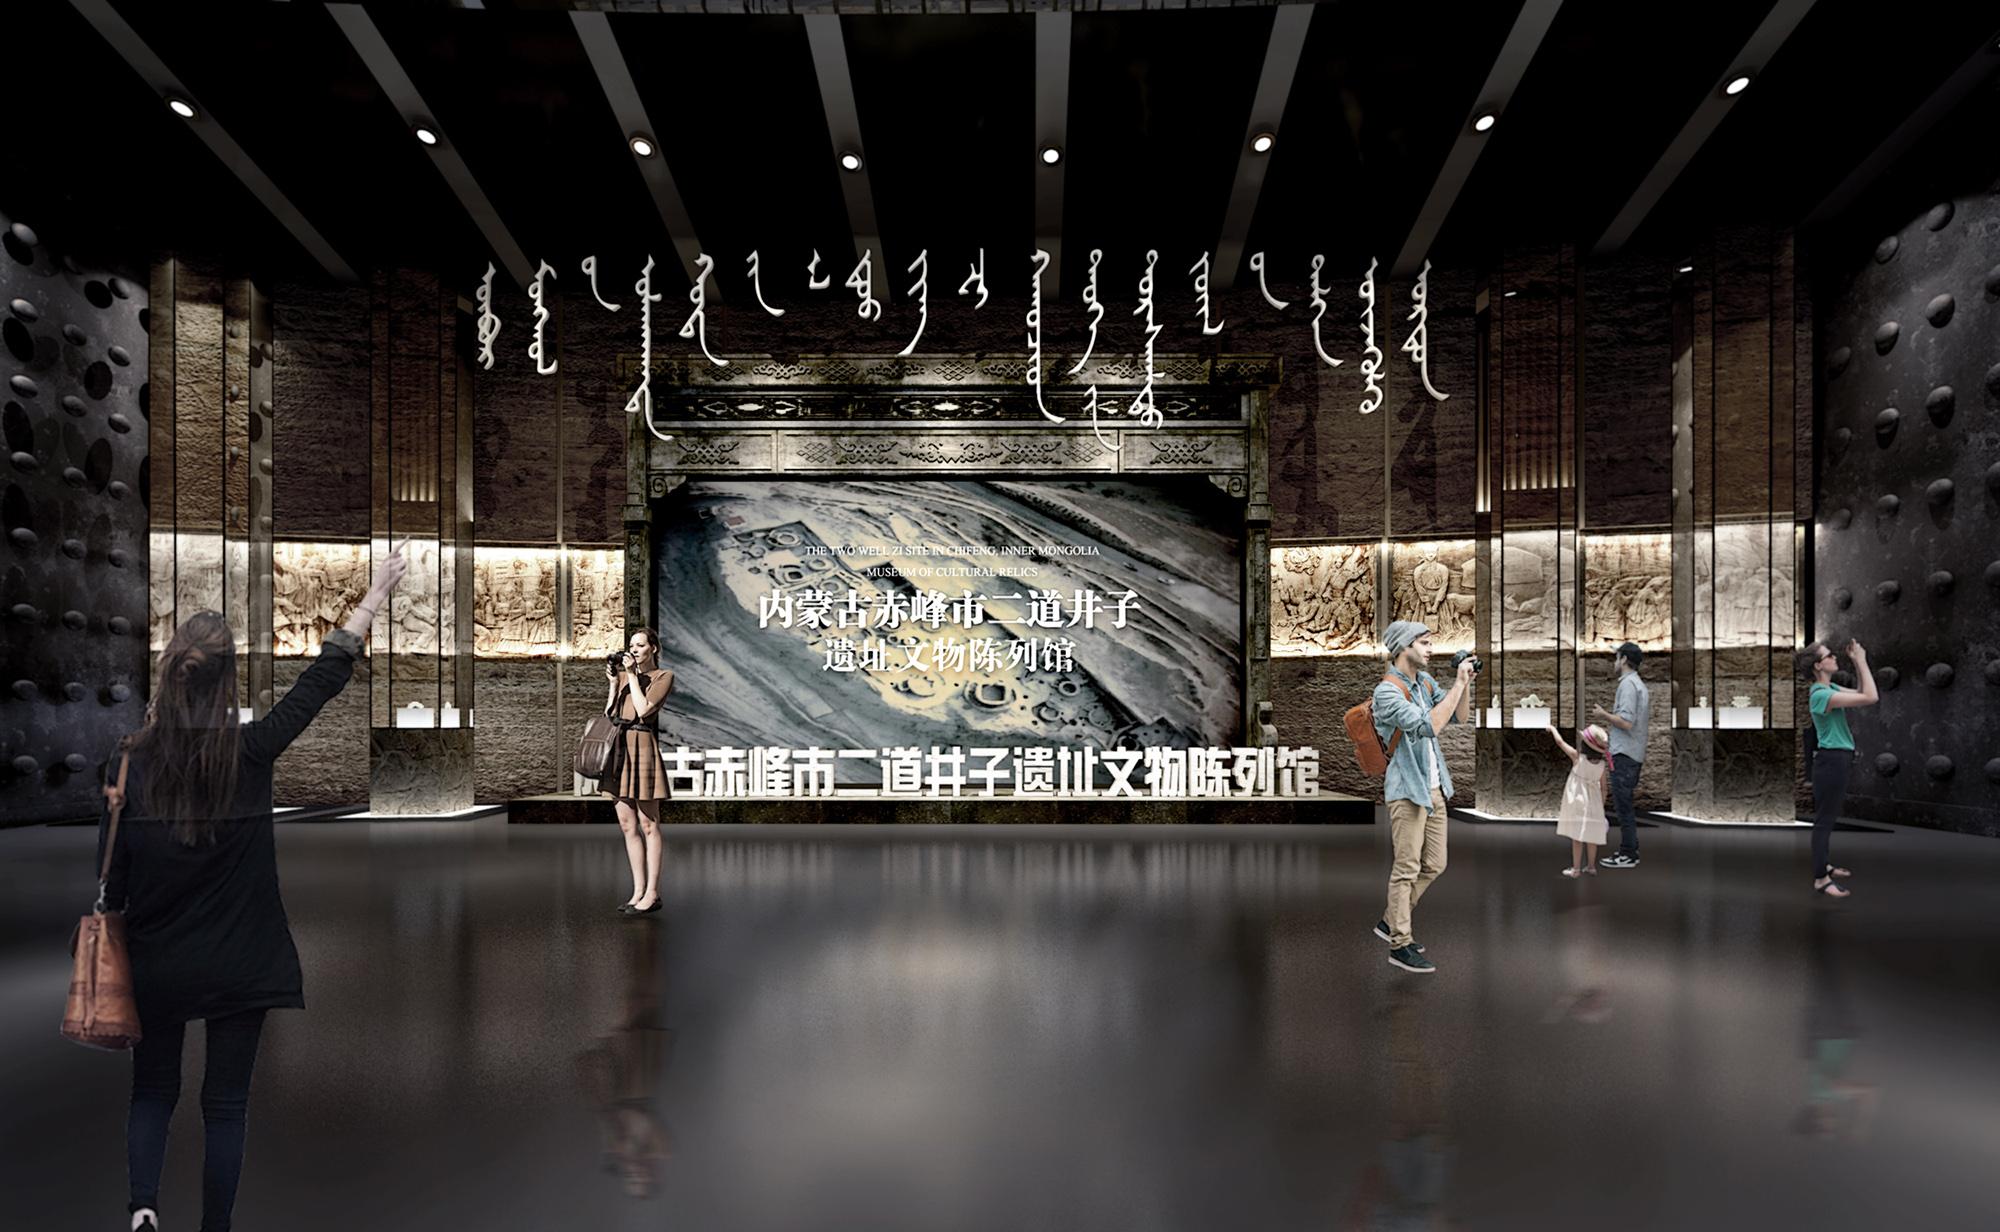 二道井子博物馆